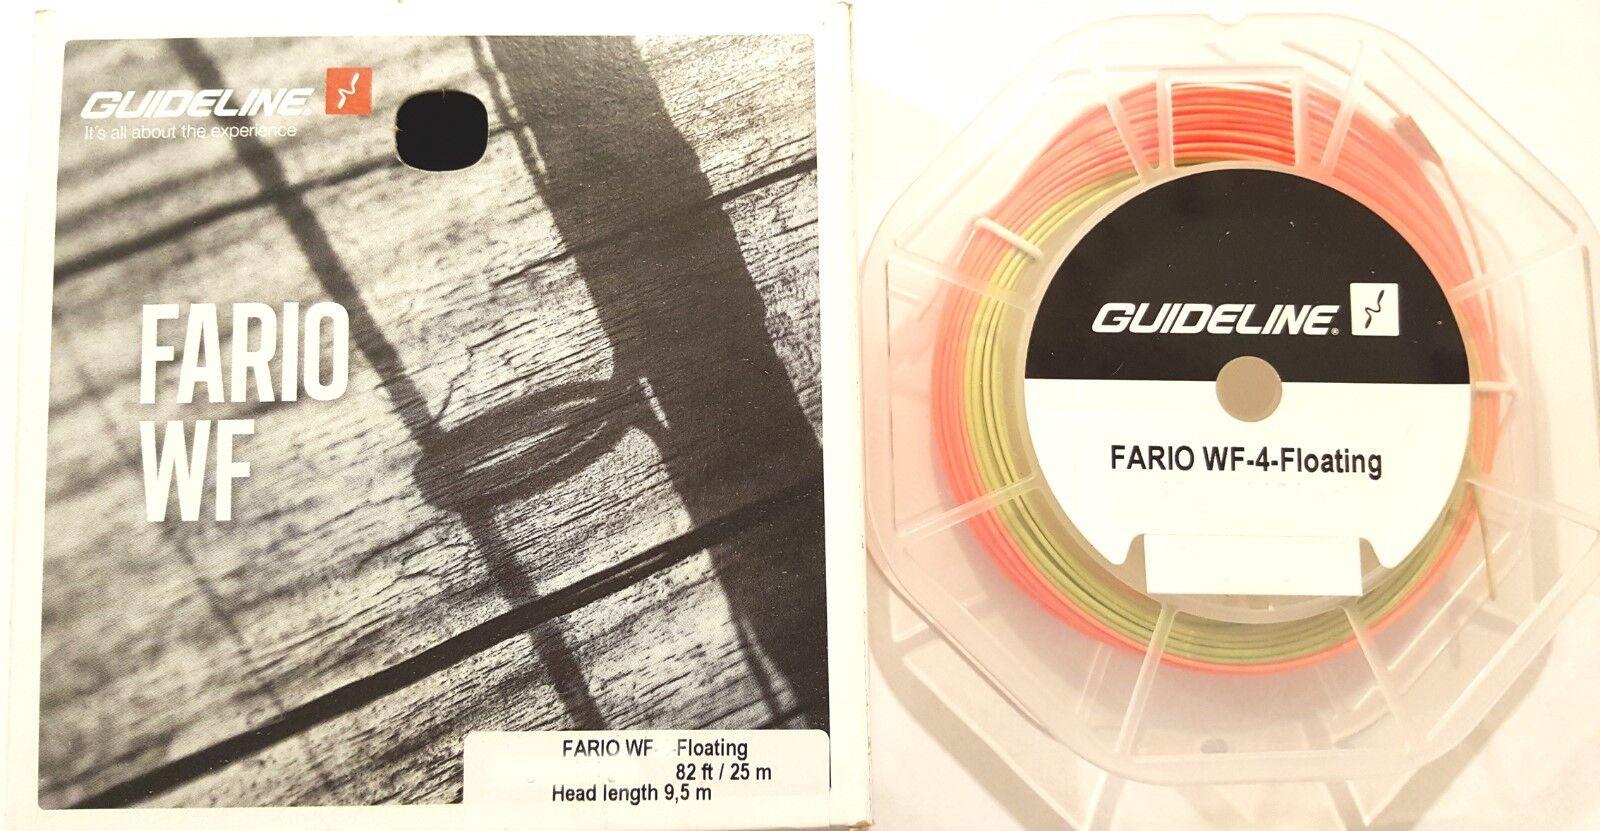 Guideline Fario WF-4-Floating - die optimale Allroundschnur - 9,5-m-Keule - NEU